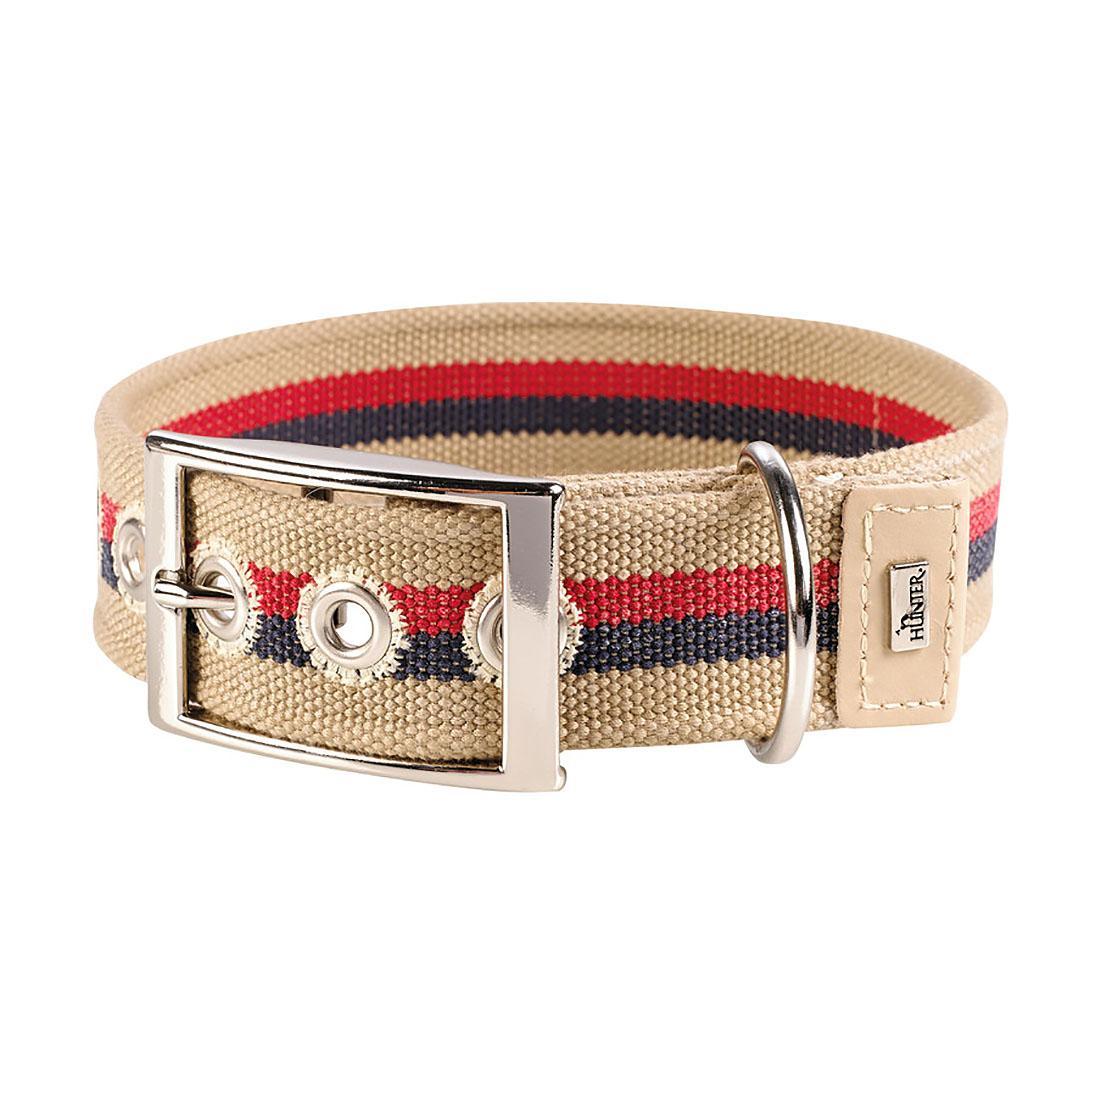 New Orleans Cotton Stripe Dog Collar by HUNTER - Beige